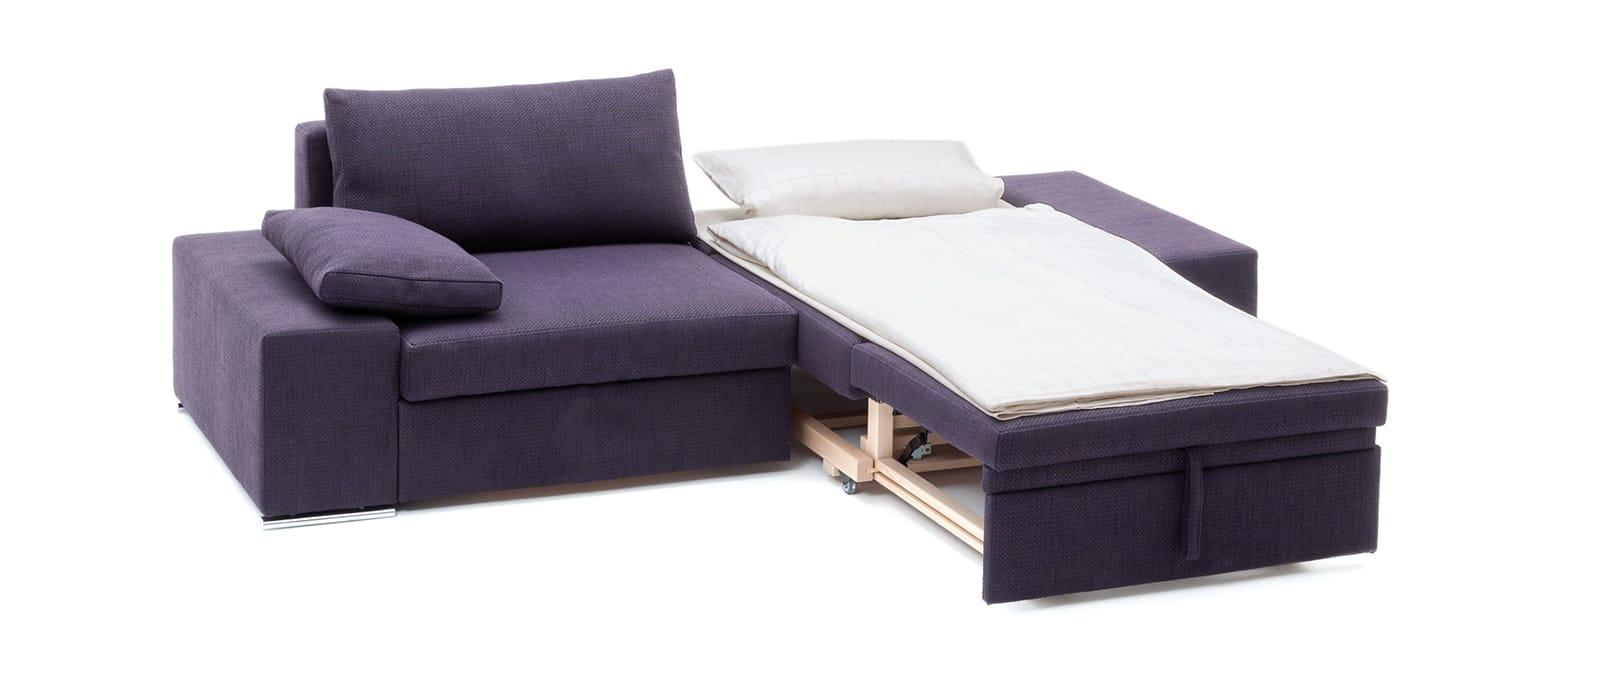 CLUB Schlafsofa von Franz Fertig in Lila - Liegefläche in ca. 80x200 oder 90x200 cm erhältlich. Wunderbares Gästebett. Sofa mit Bettfunktion.